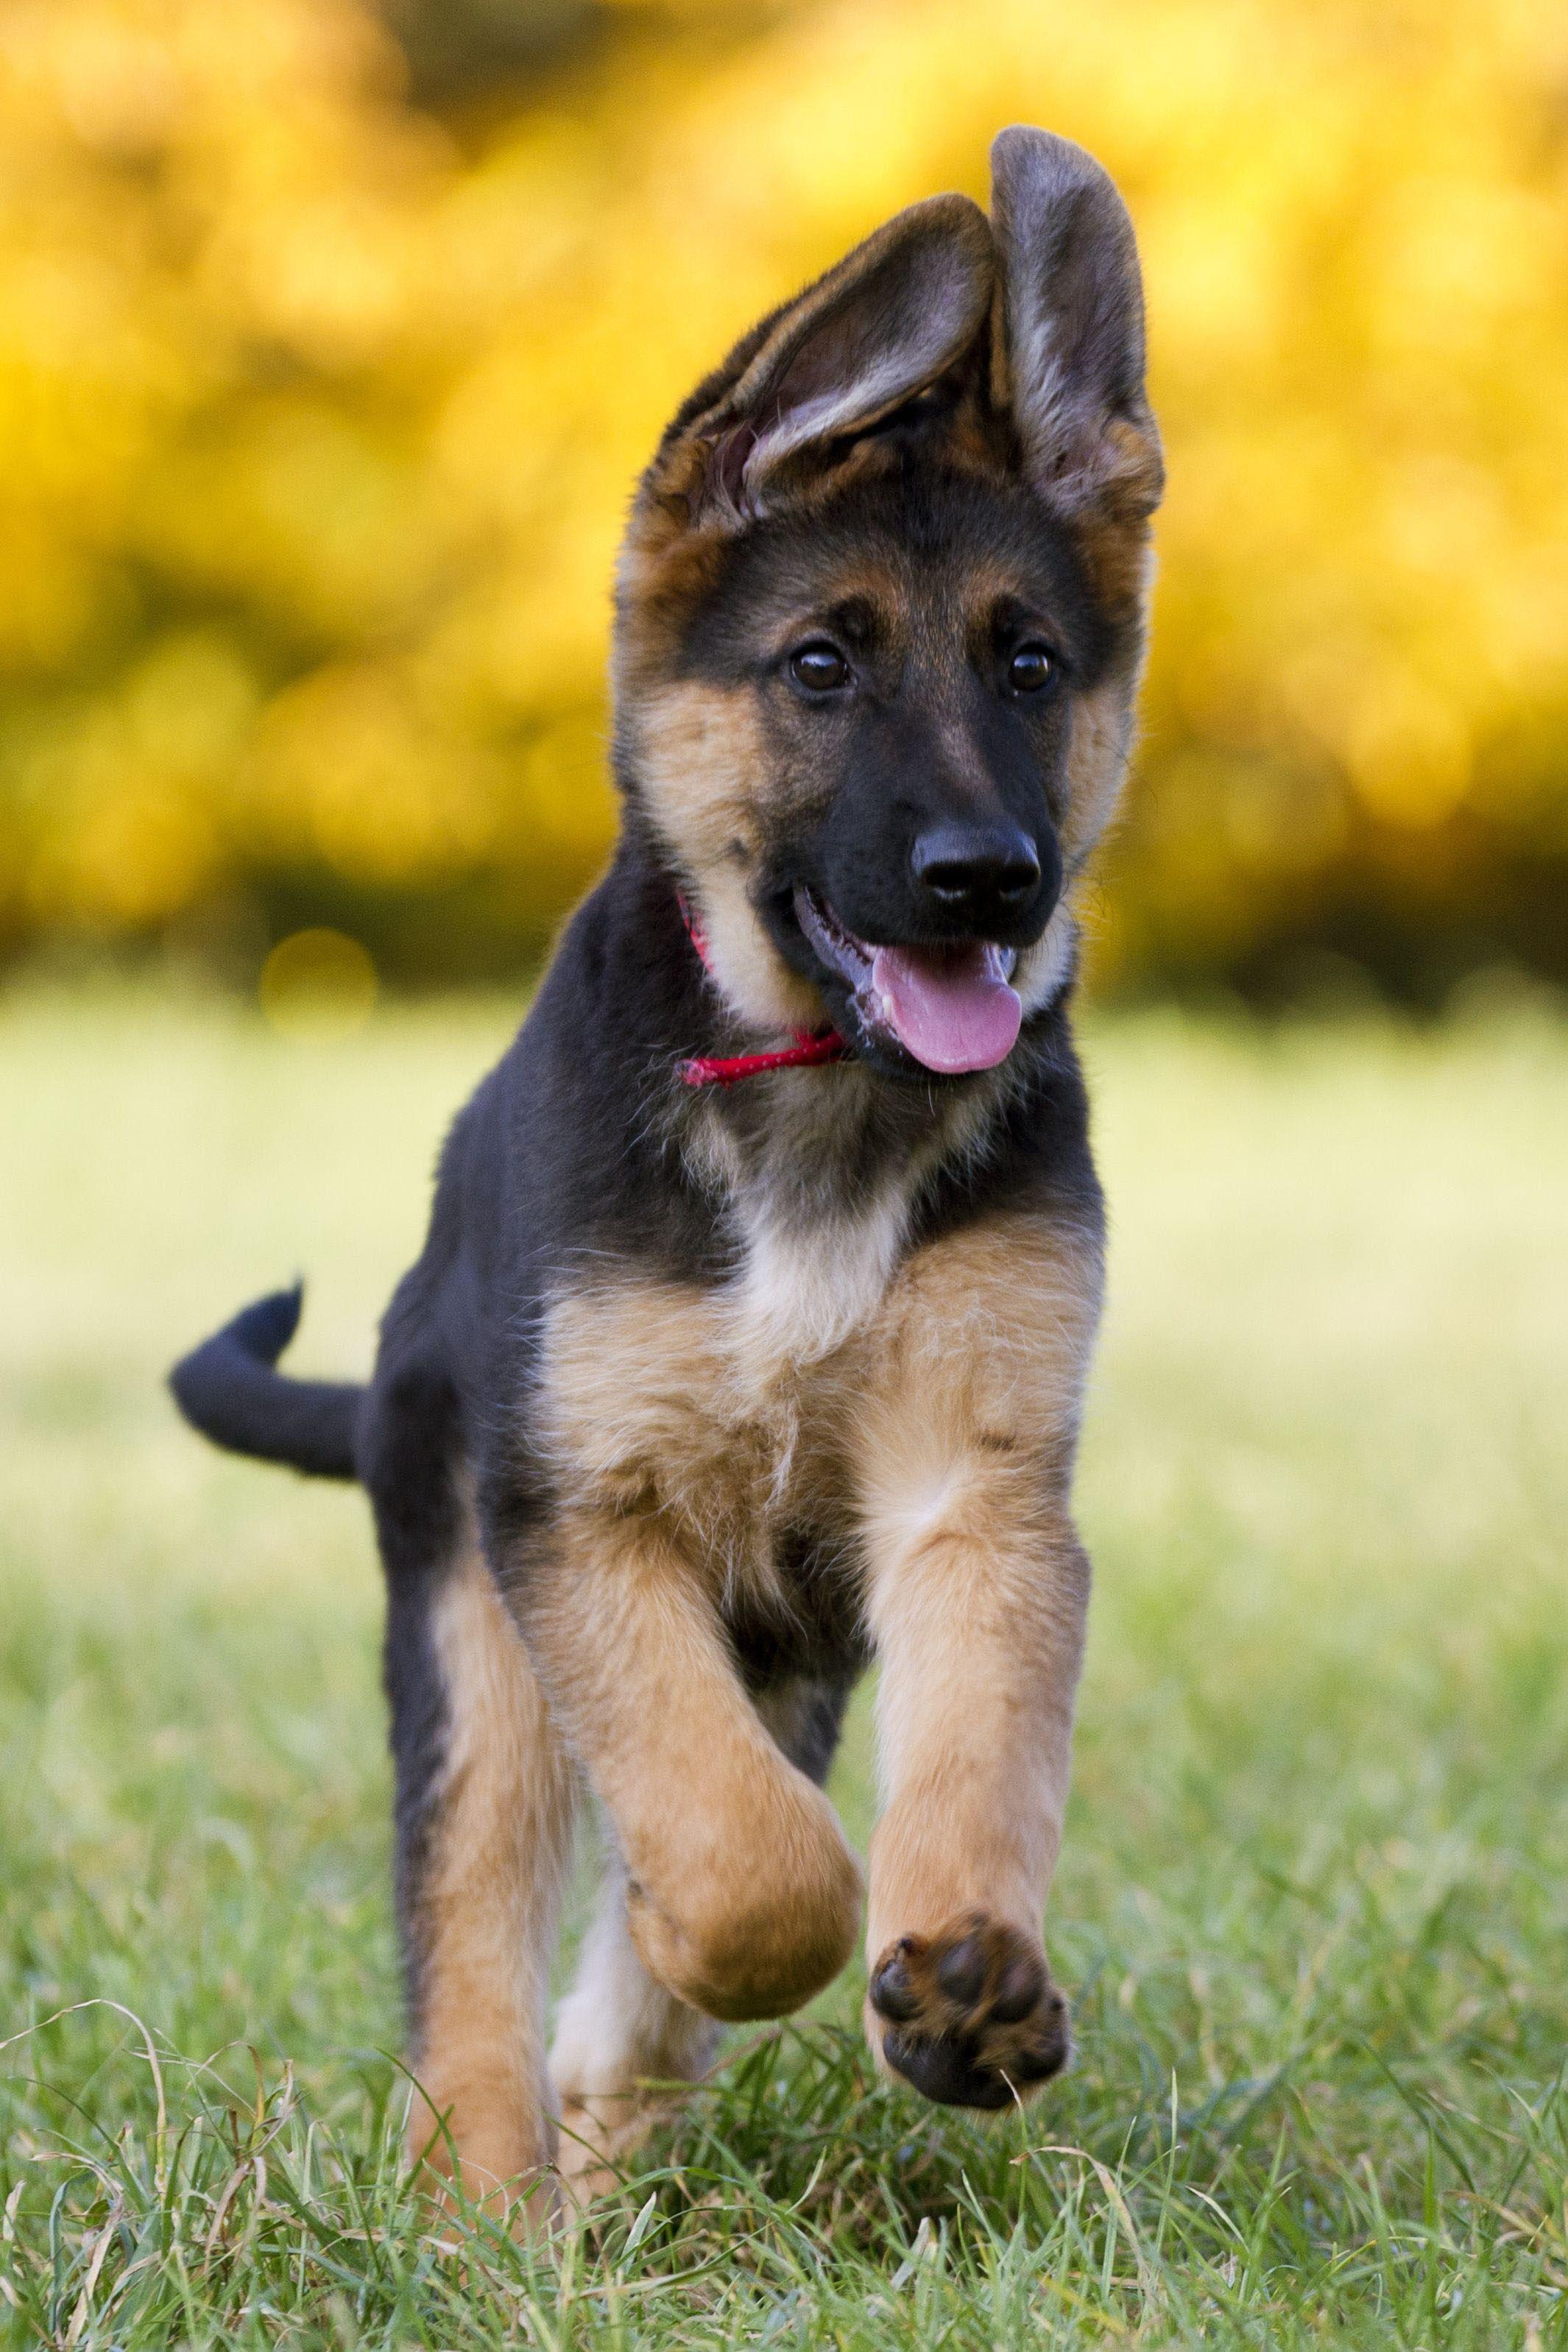 Fruh Ubt Sich Hundehalter Sollten Rechtzeitig Mit Der Welpenerziehung Beginnen Haustiere Hund Katze Tierhalt Schaferhund Welpen Schaferhunde Hunde Rassen